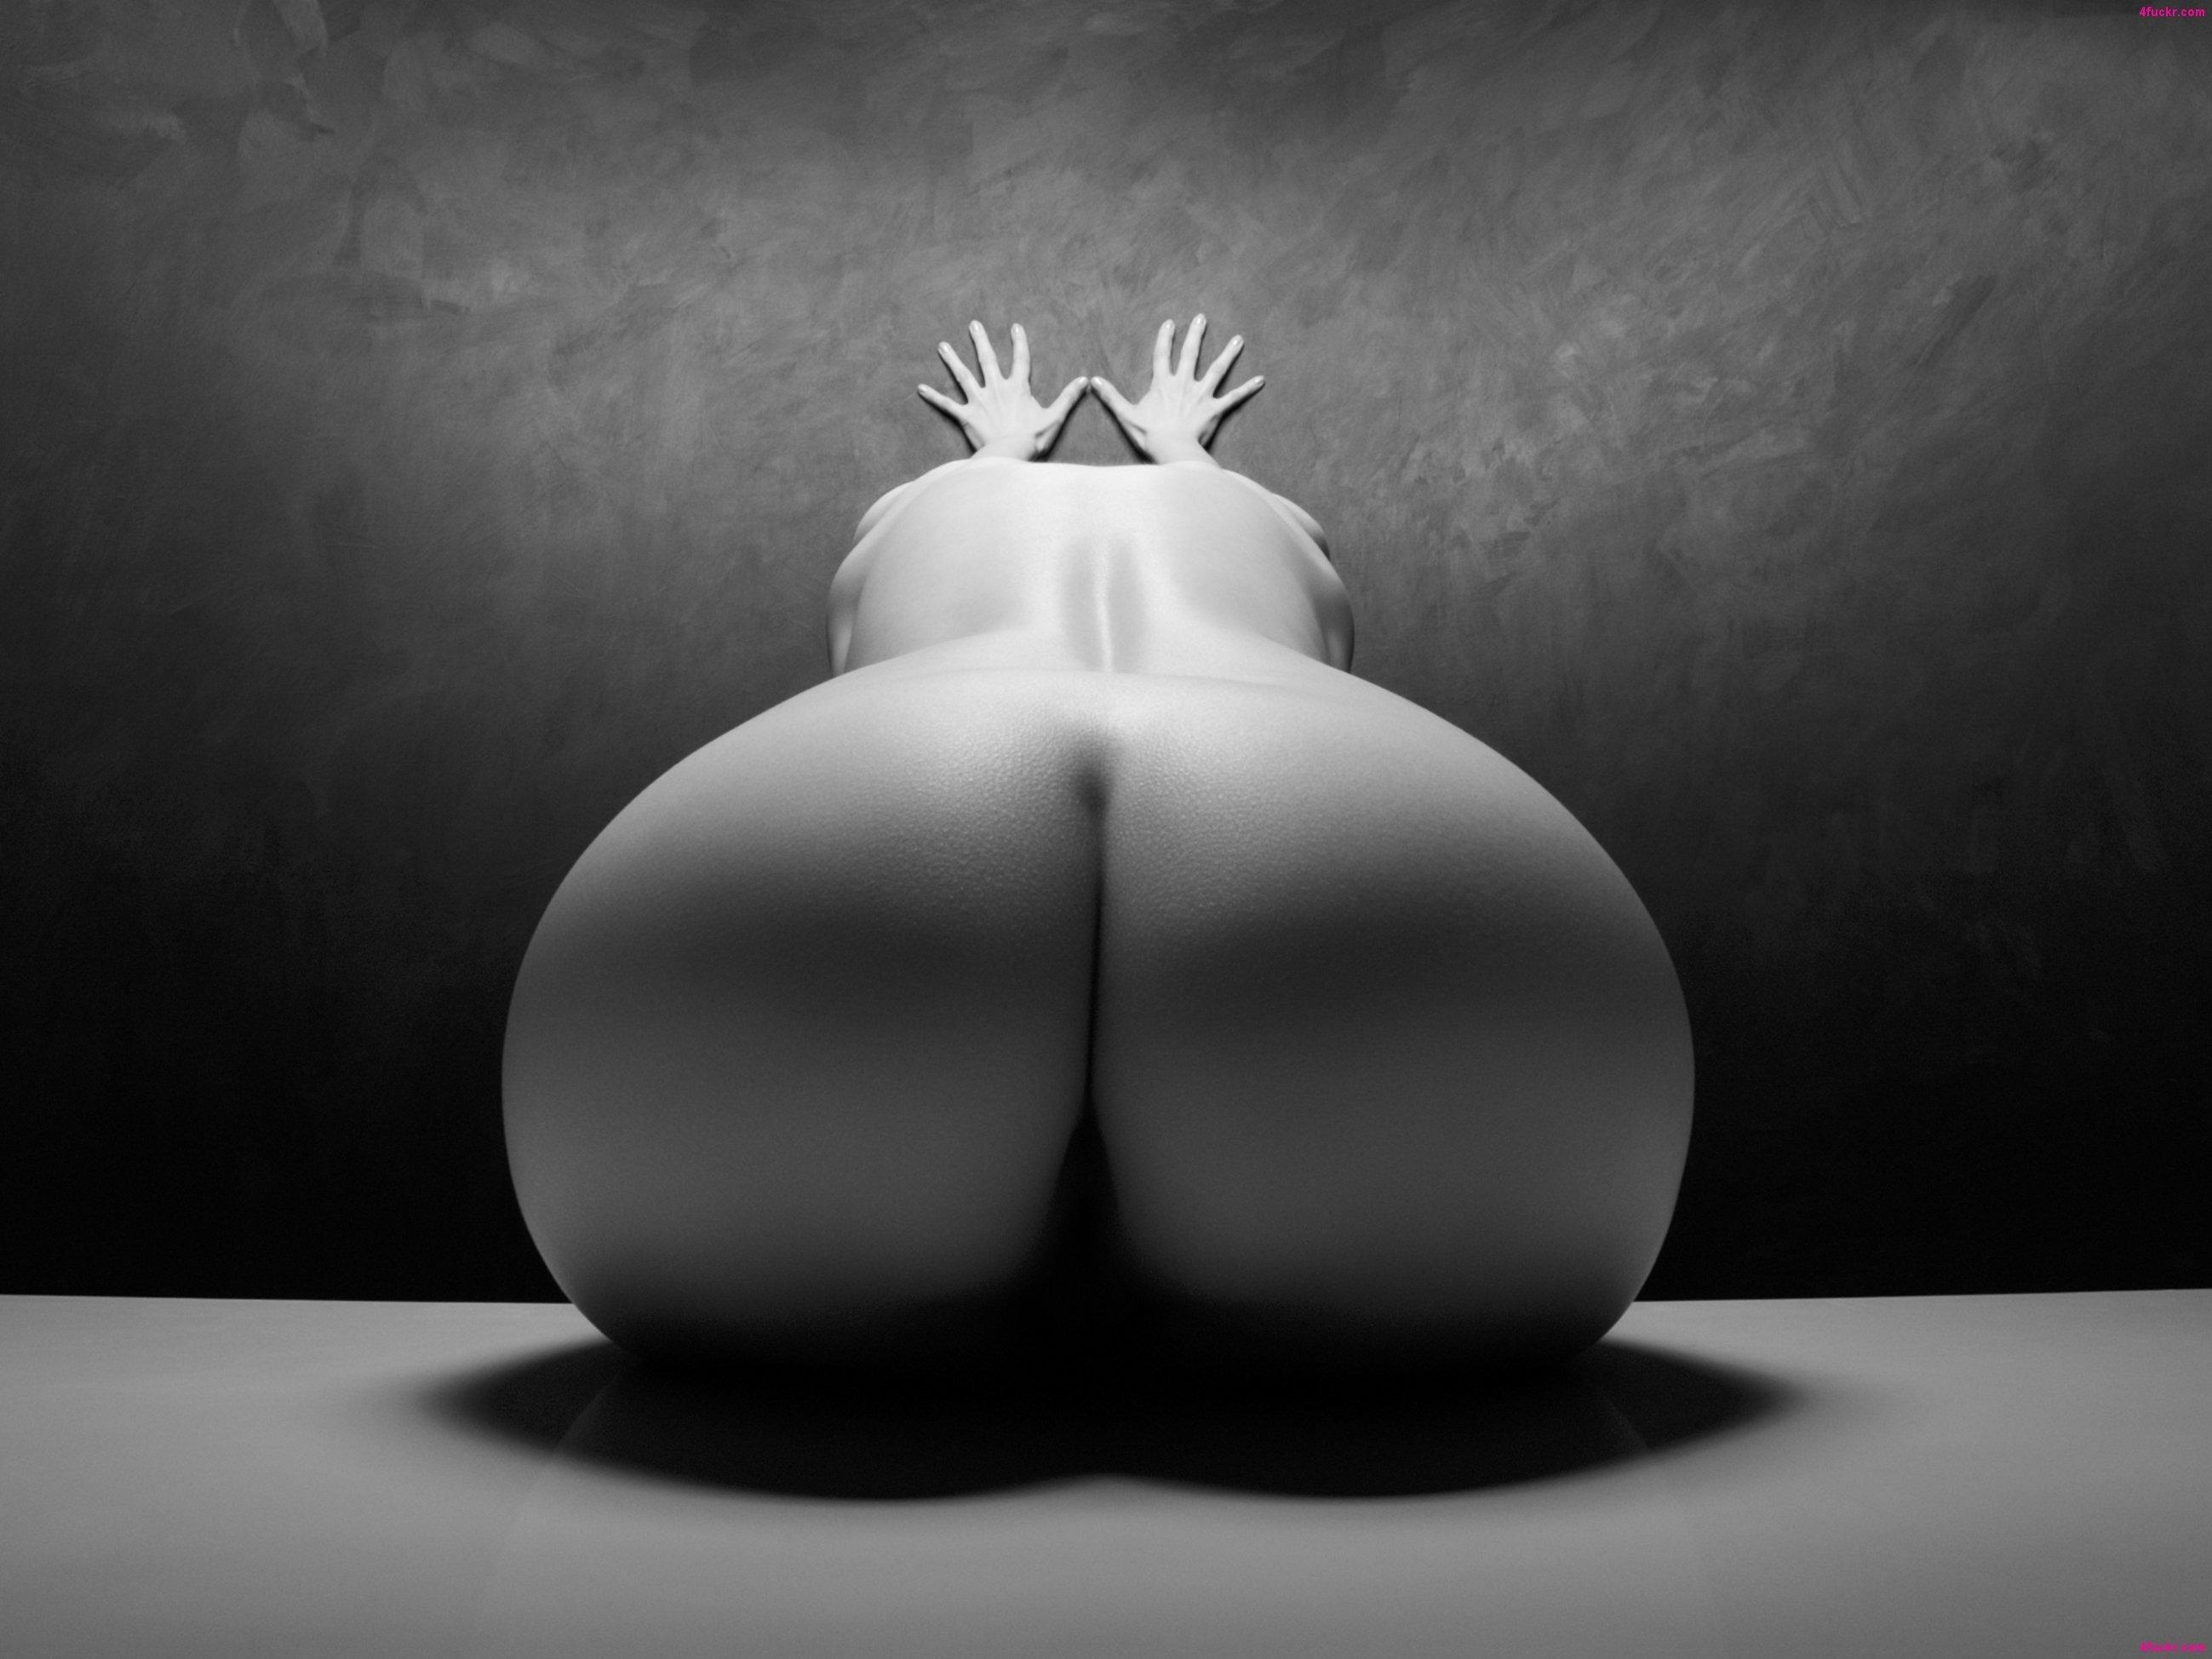 Секс балшой попа 2 фотография